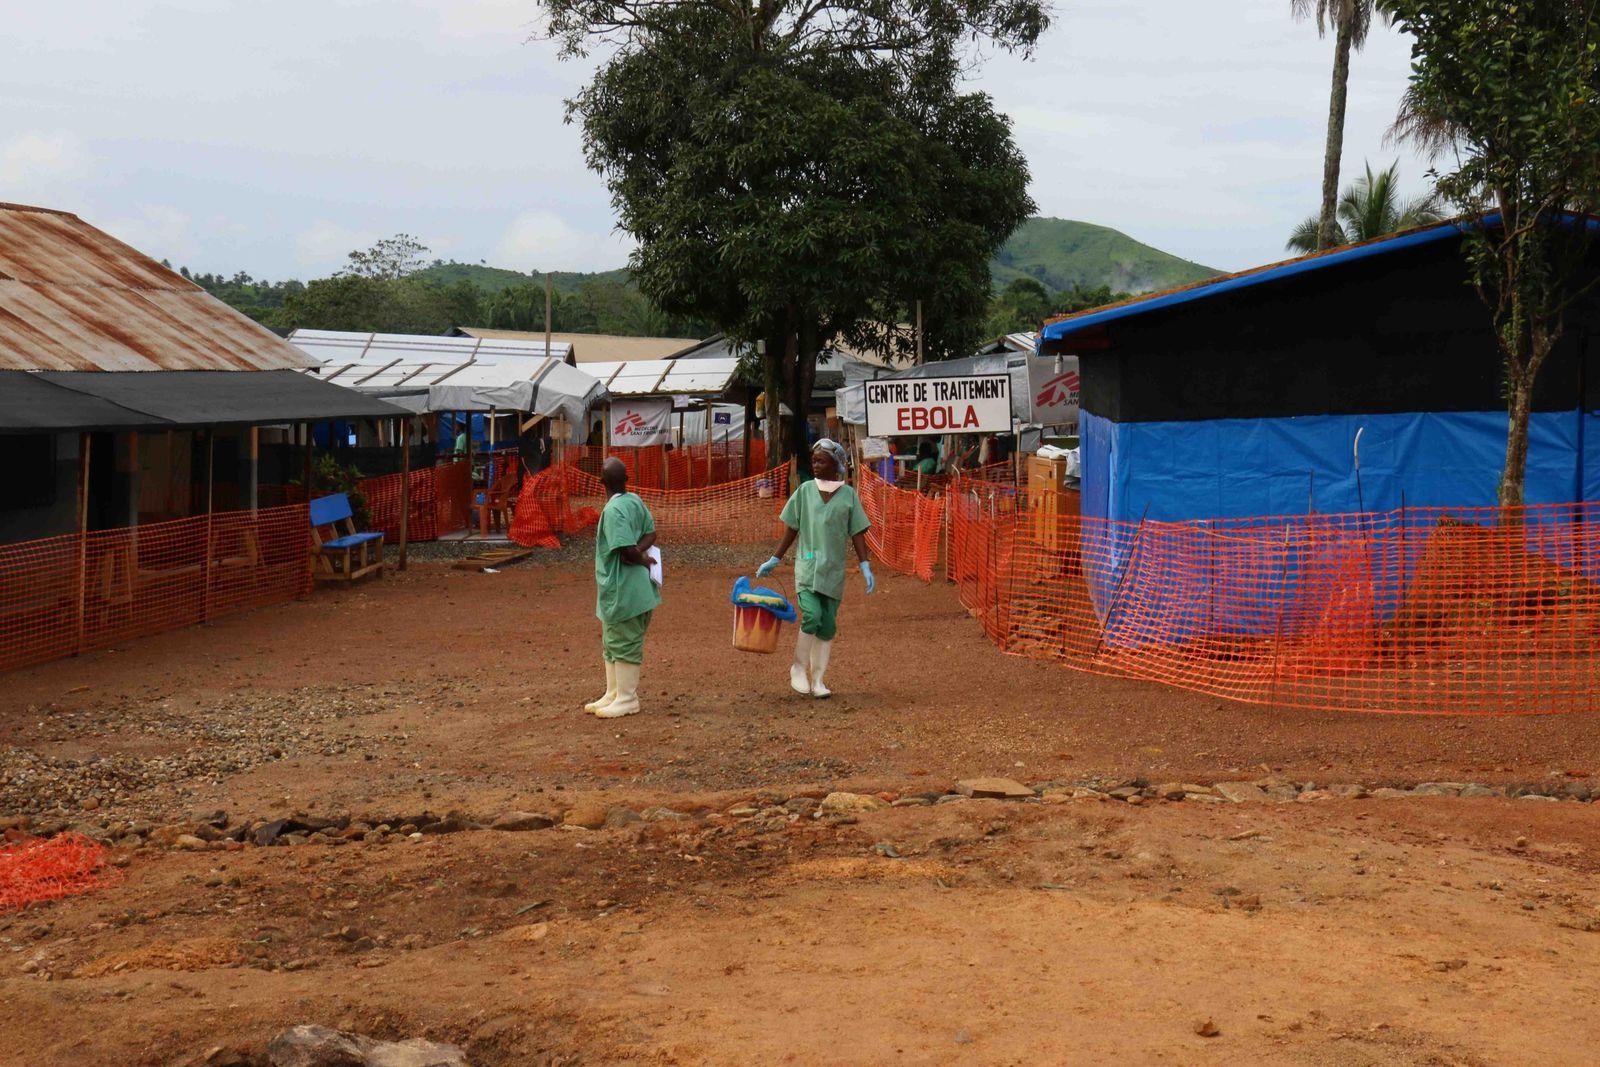 Ebola Health Center